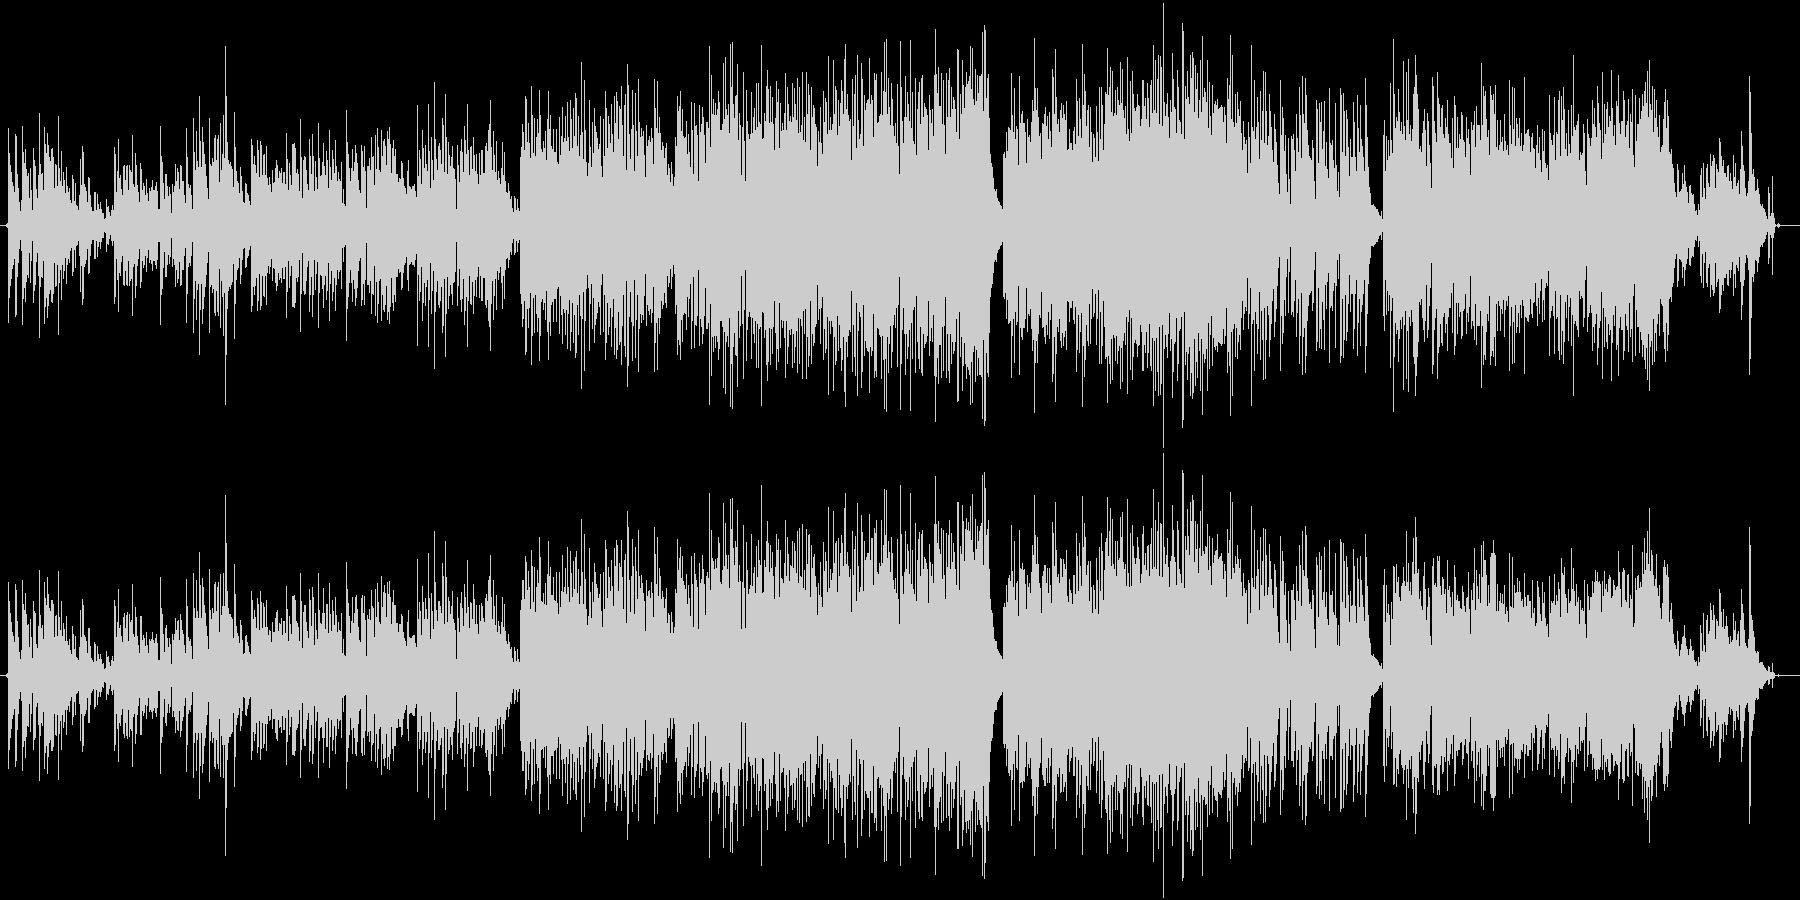 Fanoの未再生の波形